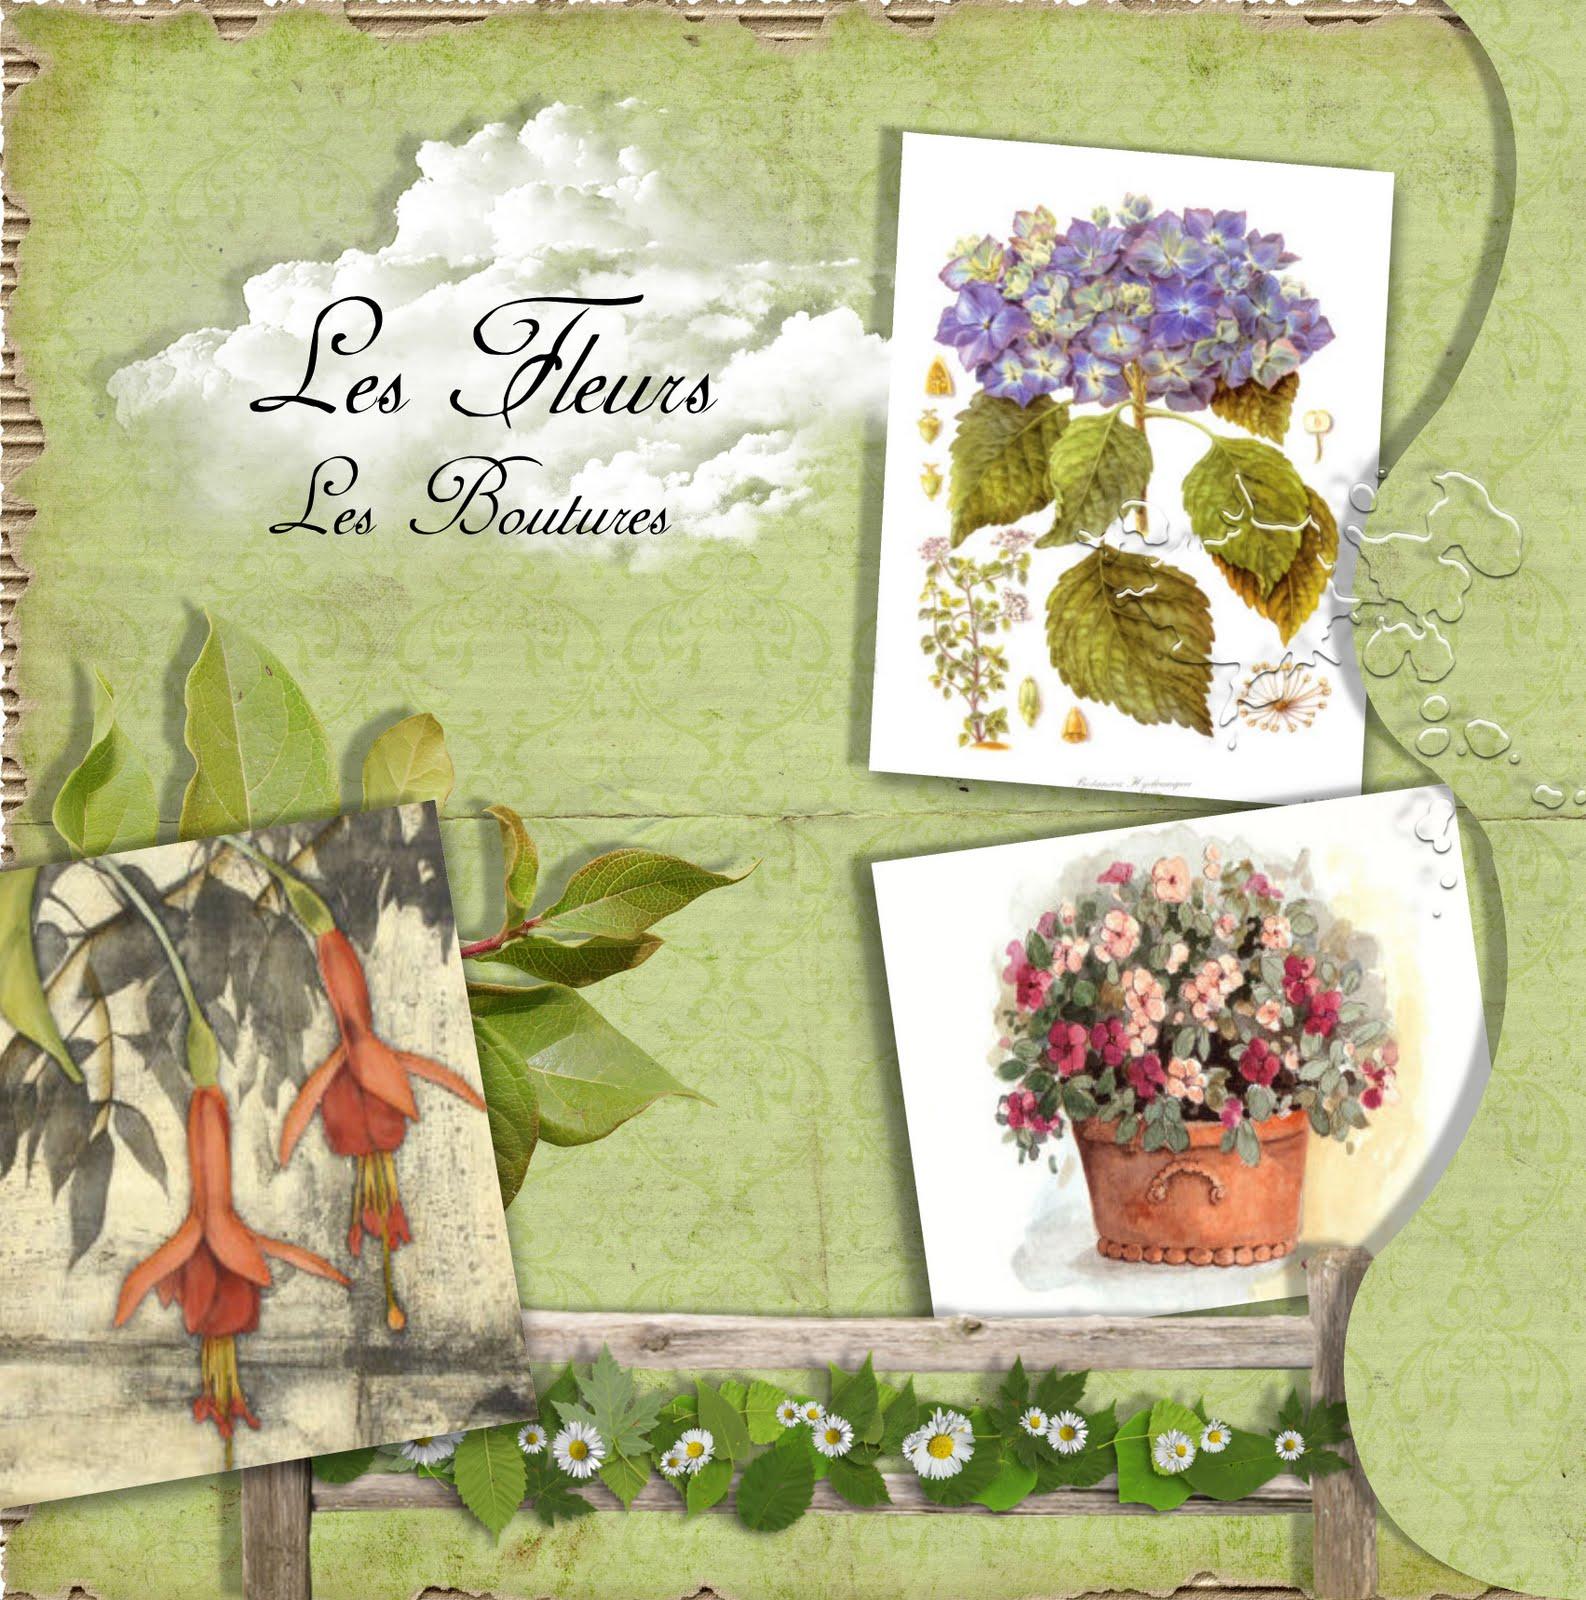 Jardin parfum plaisir du jardin juillet 2010 for Jardin 5 juillet biskra